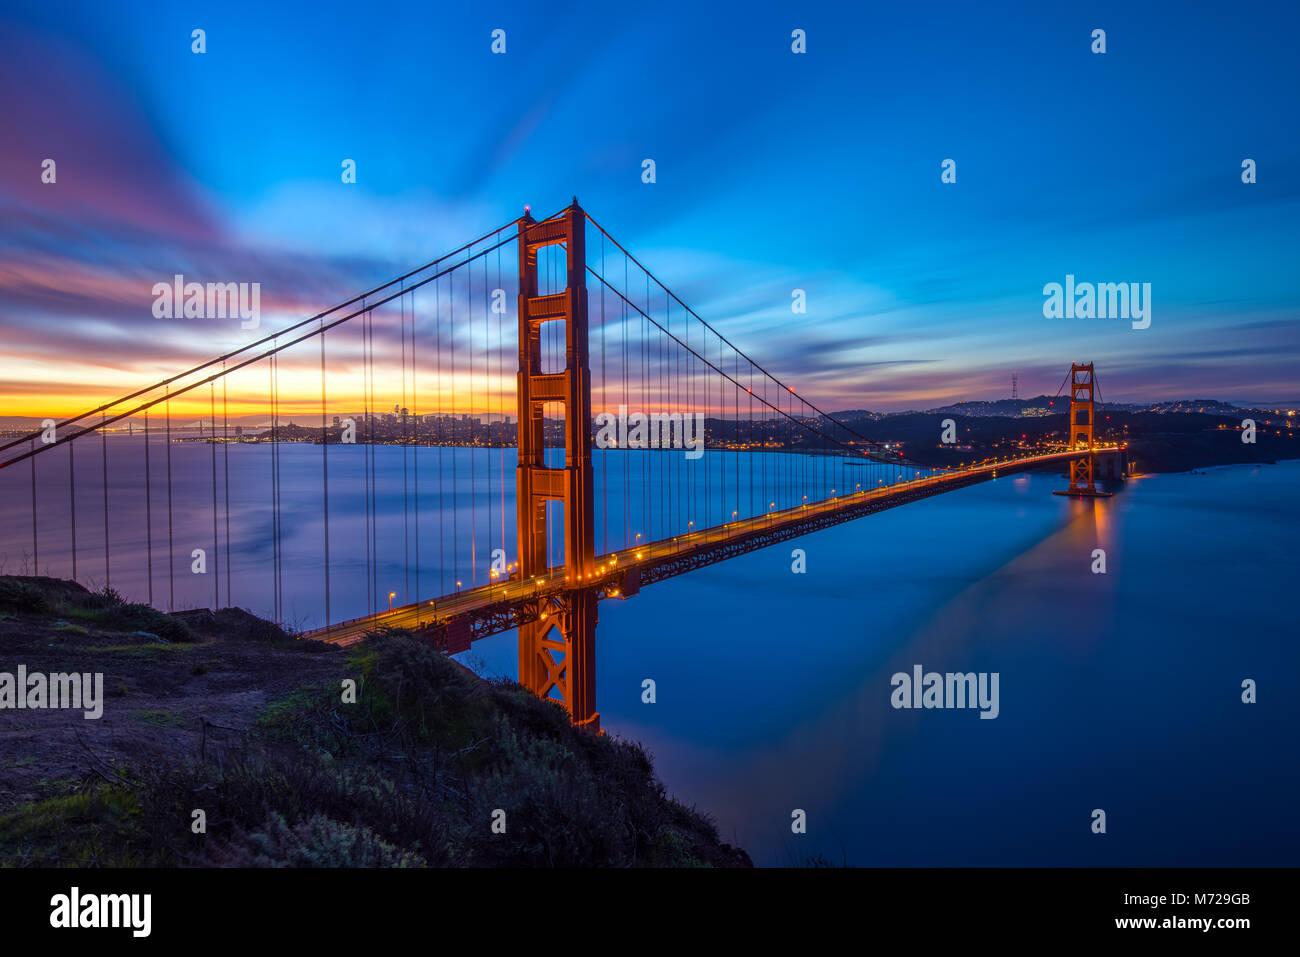 Golden Gate Bridge Panoramablick Sonnenaufgang Ansicht mit großen dynamischen Himmel Stockbild